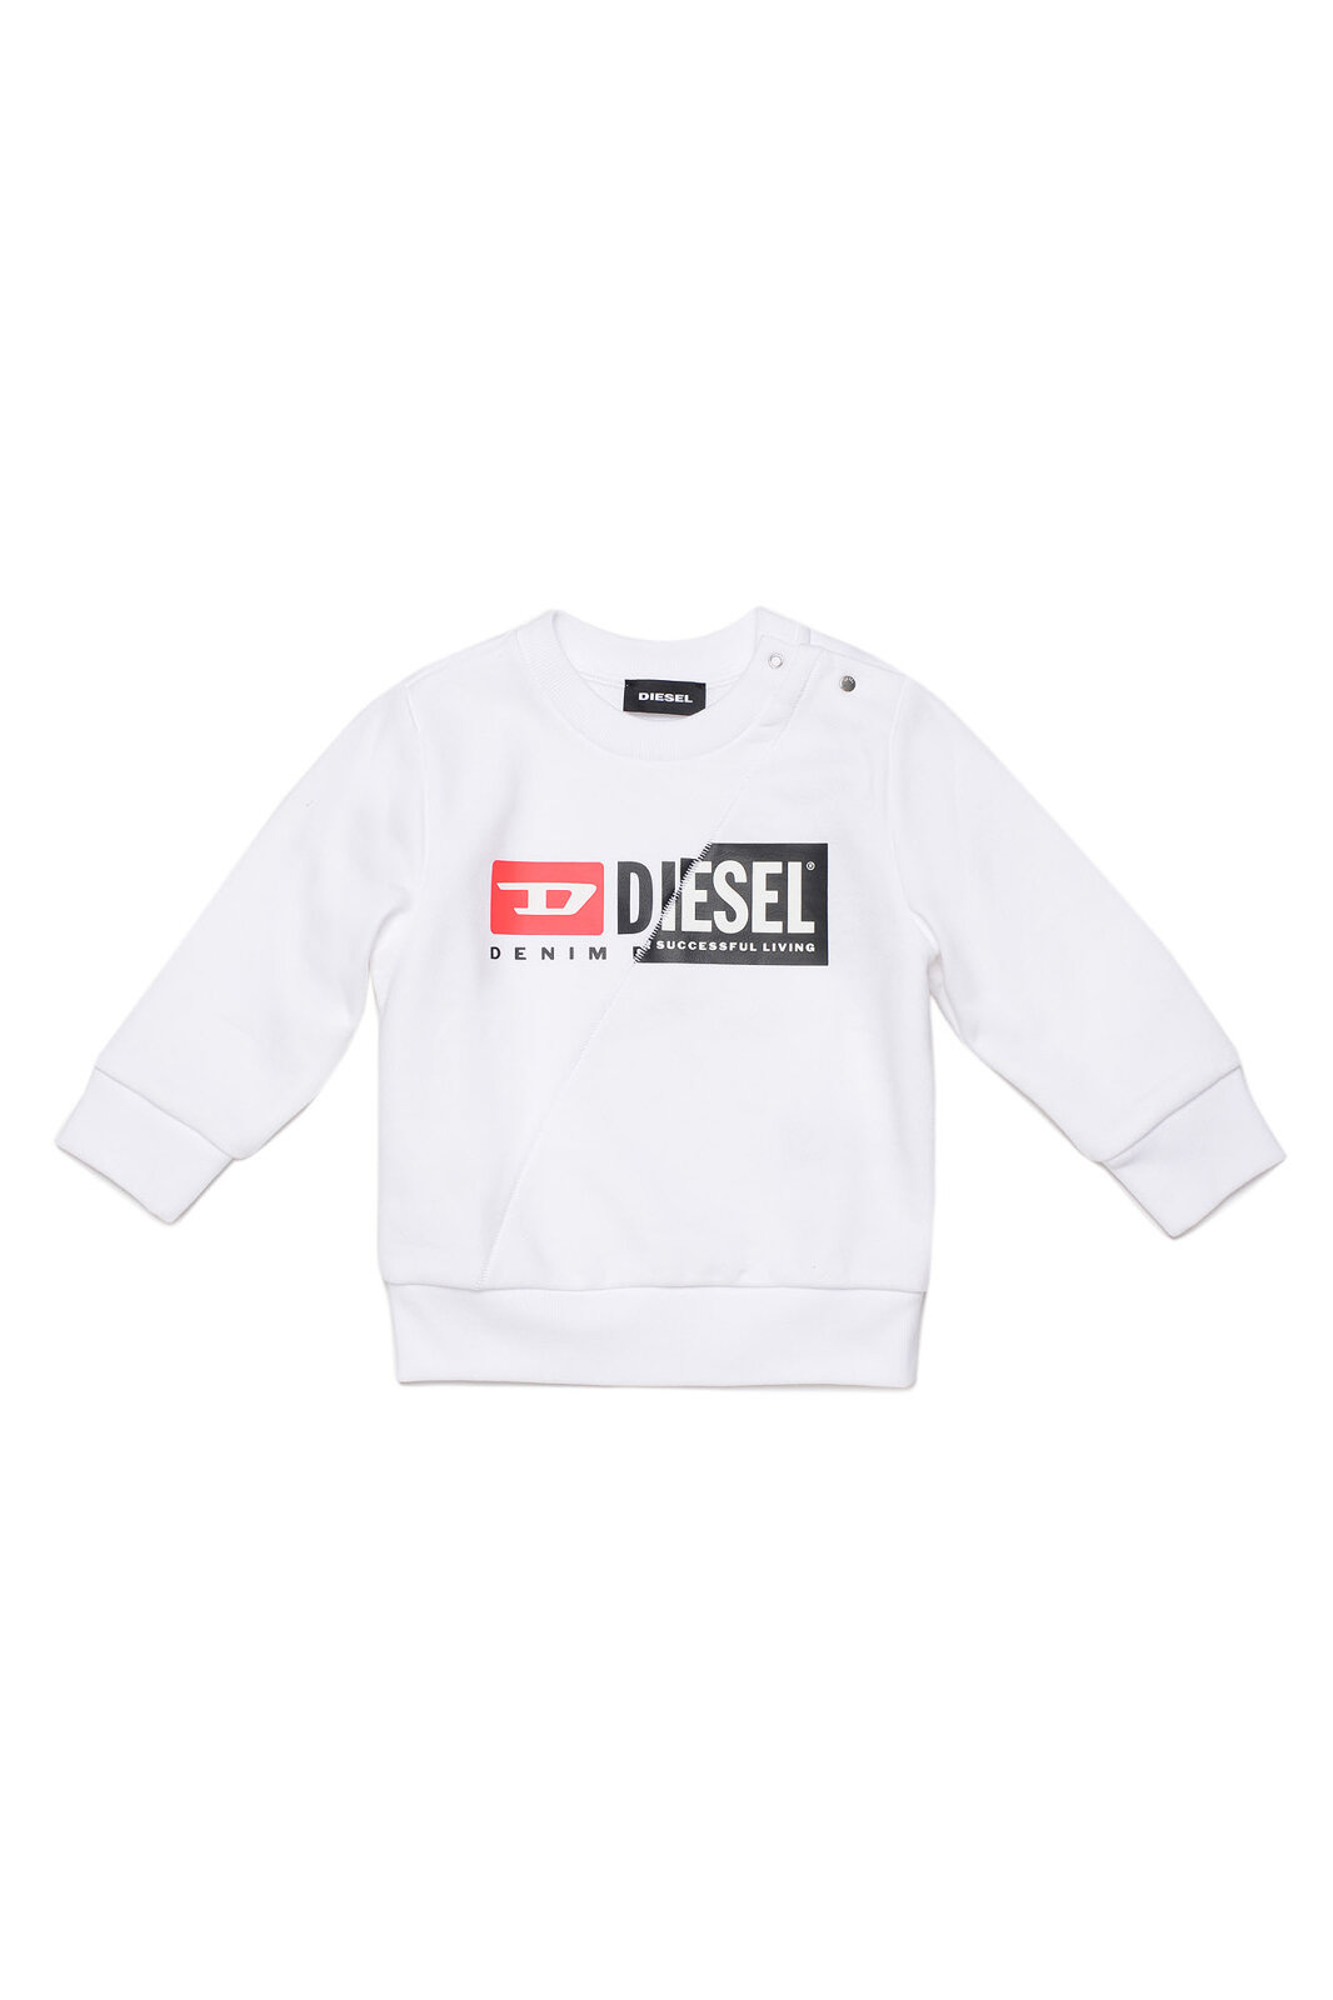 Sgirkcutyb Sweatshirt - Diesel Kid